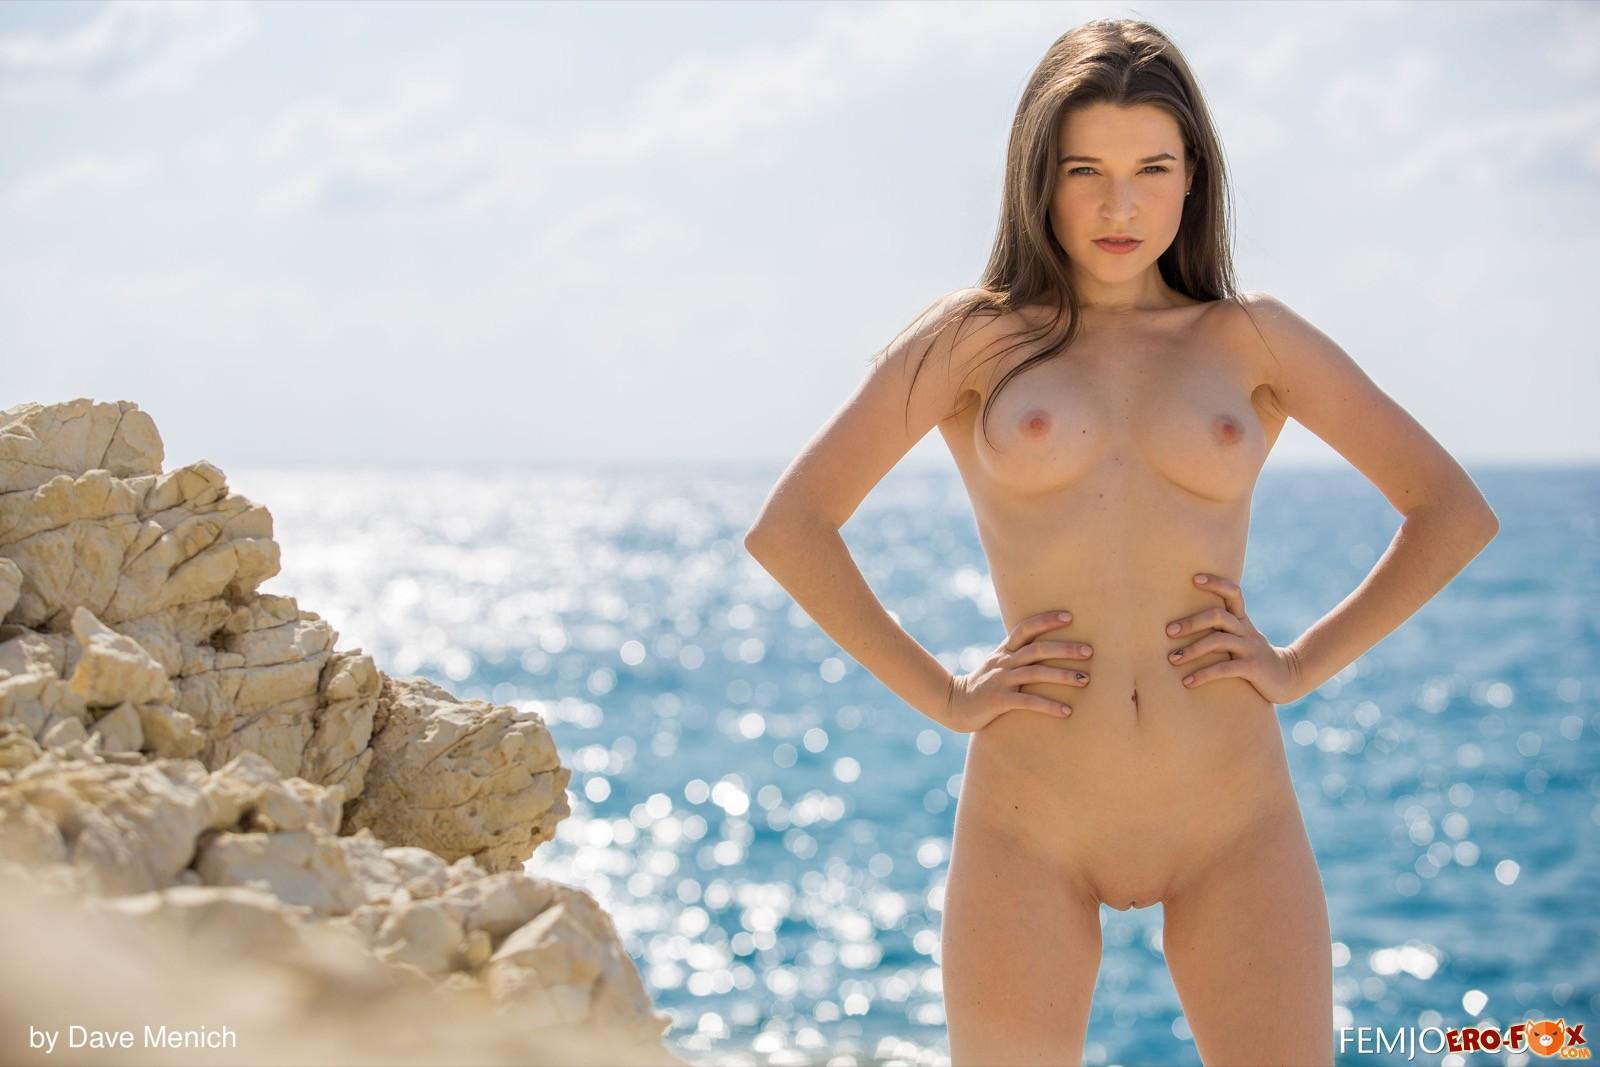 Обаятельная модель оголила сексуальное тело у моря - фото